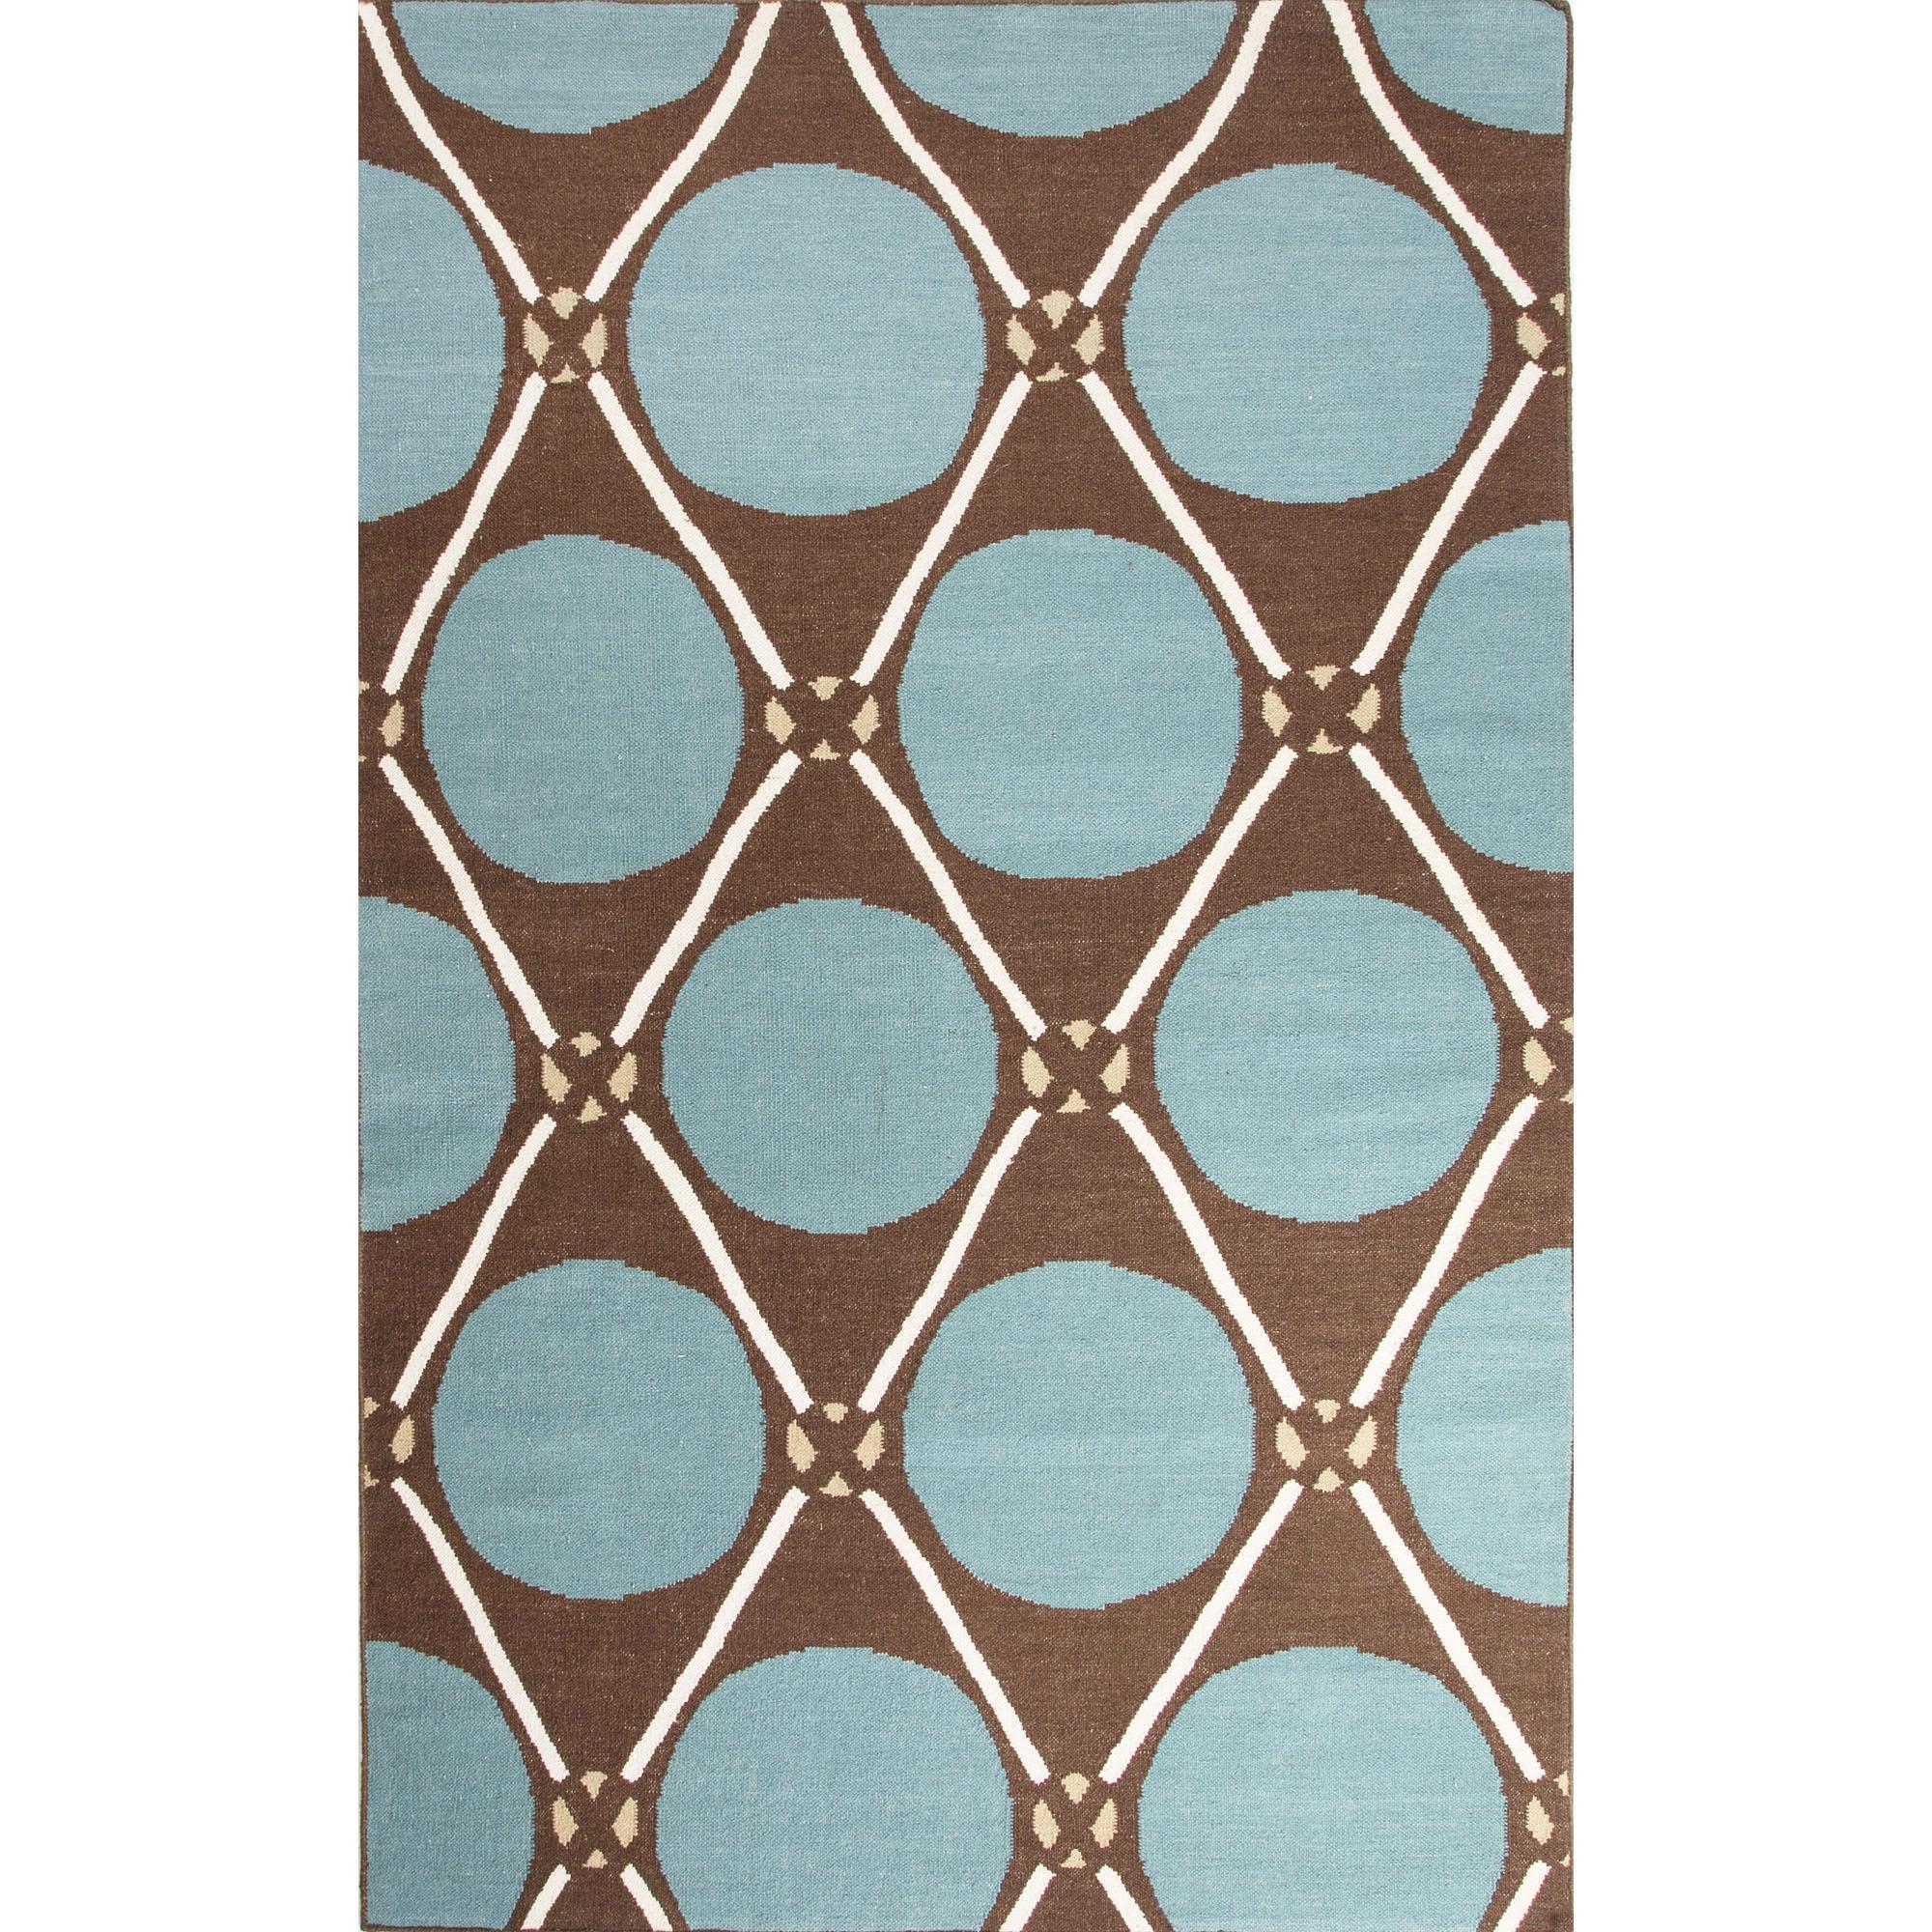 JAIPUR Rugs En Casa By Luli Sanchez Flat-weave 5 x 8 Rug - Item Number: RUG115913